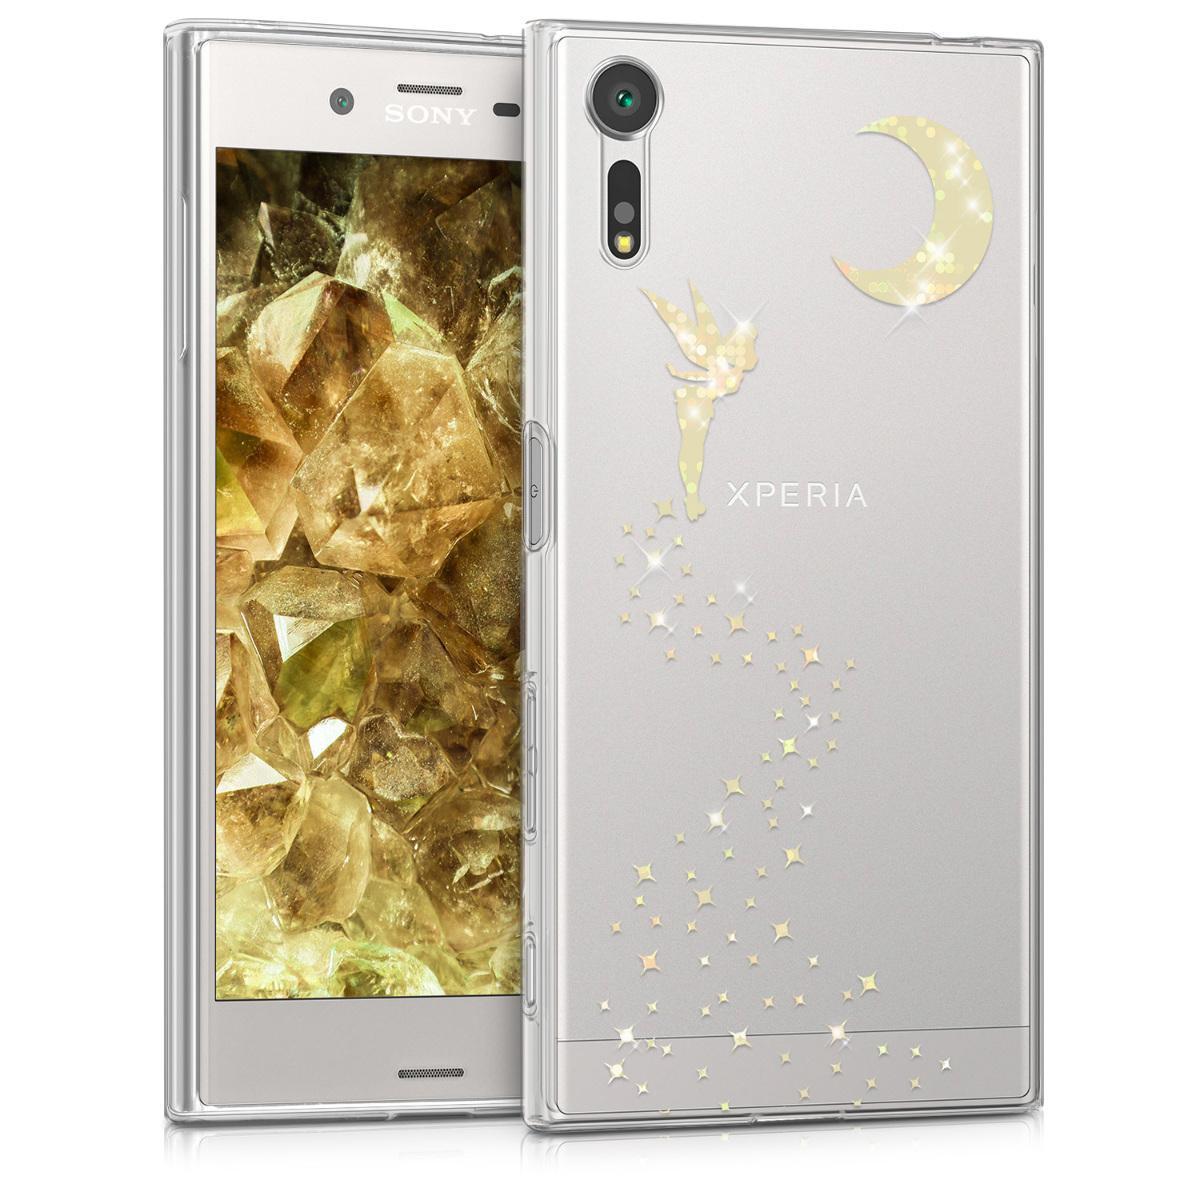 Kvalitní silikonové TPU pouzdro | obal pro Sony Xperia XZ / XZs - Třpytivé víla zlaté / průhledné